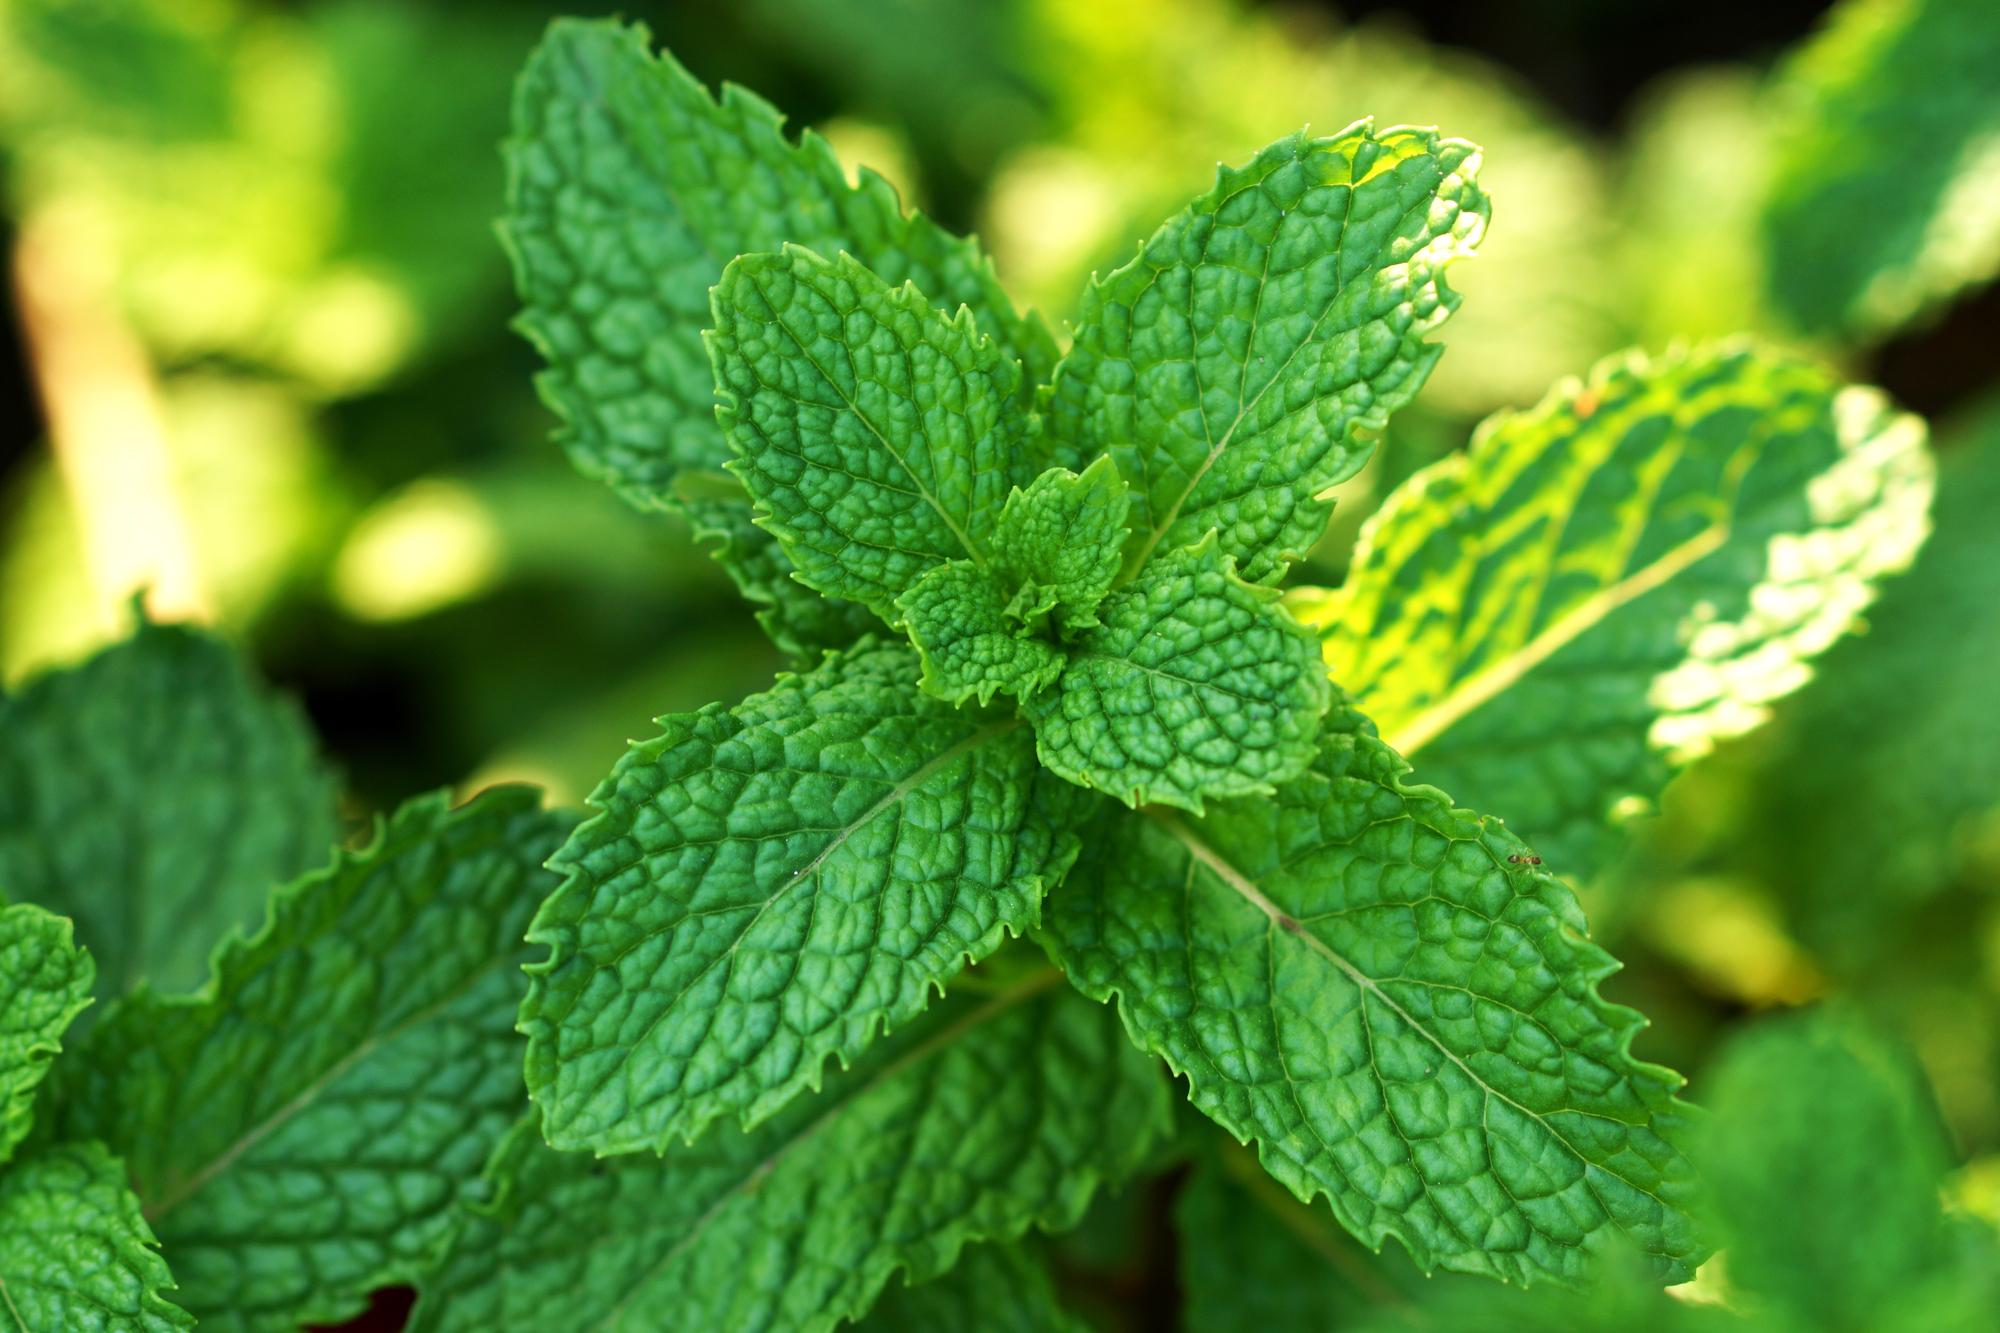 Pfefferminze: 5 Wirkungen & 8 Tipps zur Verwendung der Heilpflanze